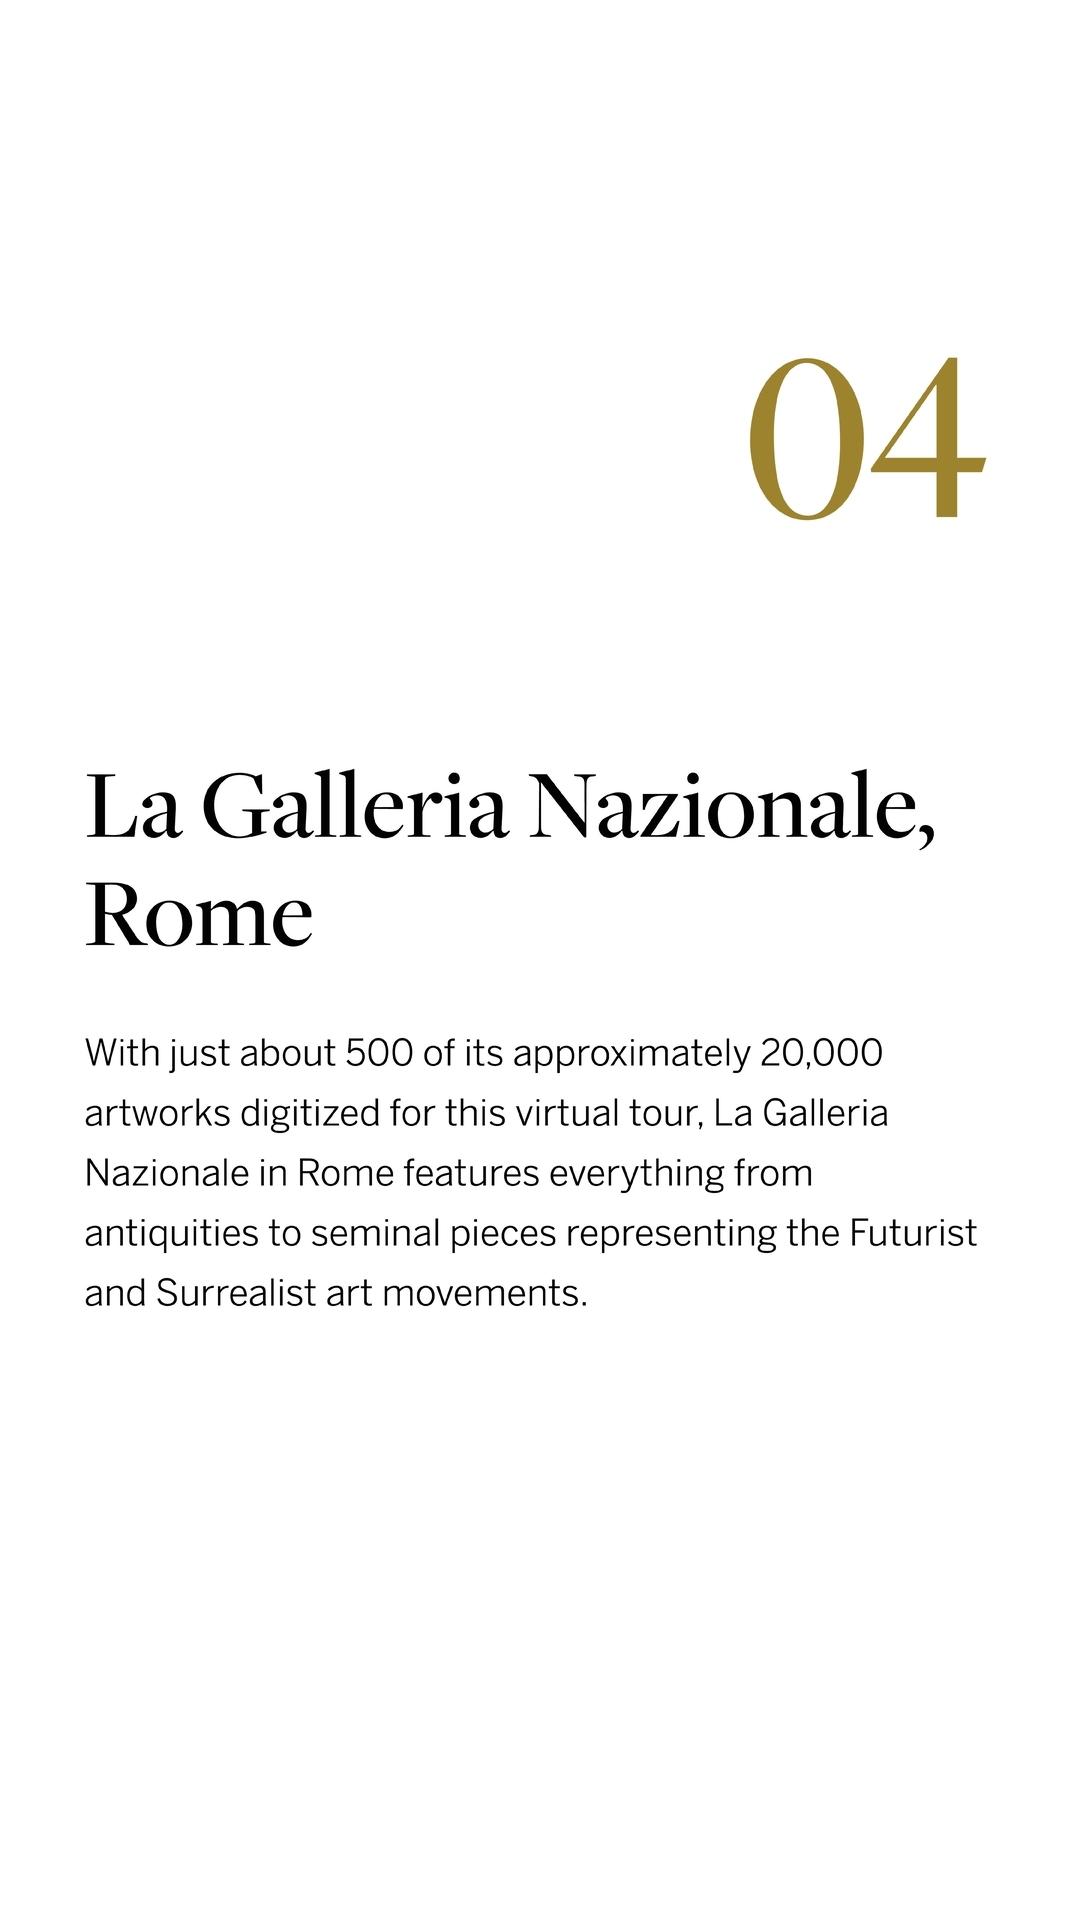 La Galleria Nazionale, Rome